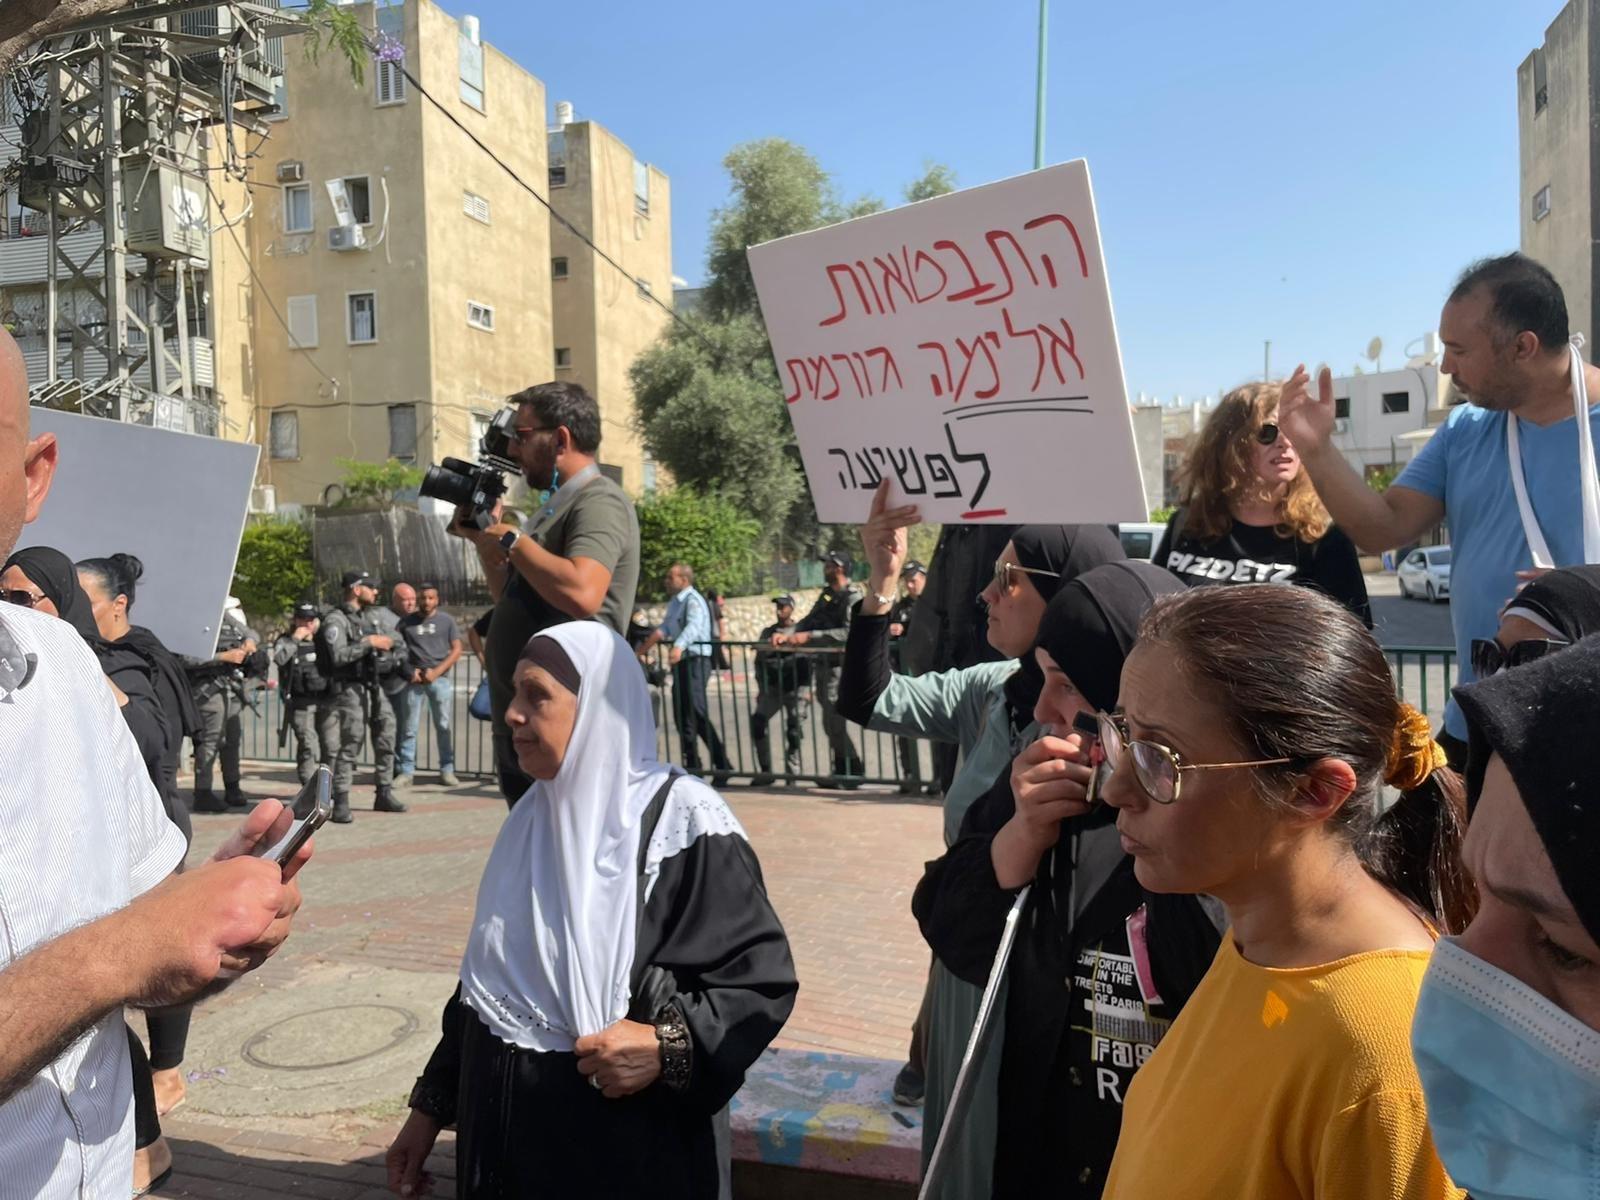 اللد: أهال يتظاهرون ضد محاولات النواة التوراتية والبلدية السيطرة على ساحة مدرسة عربية!-2